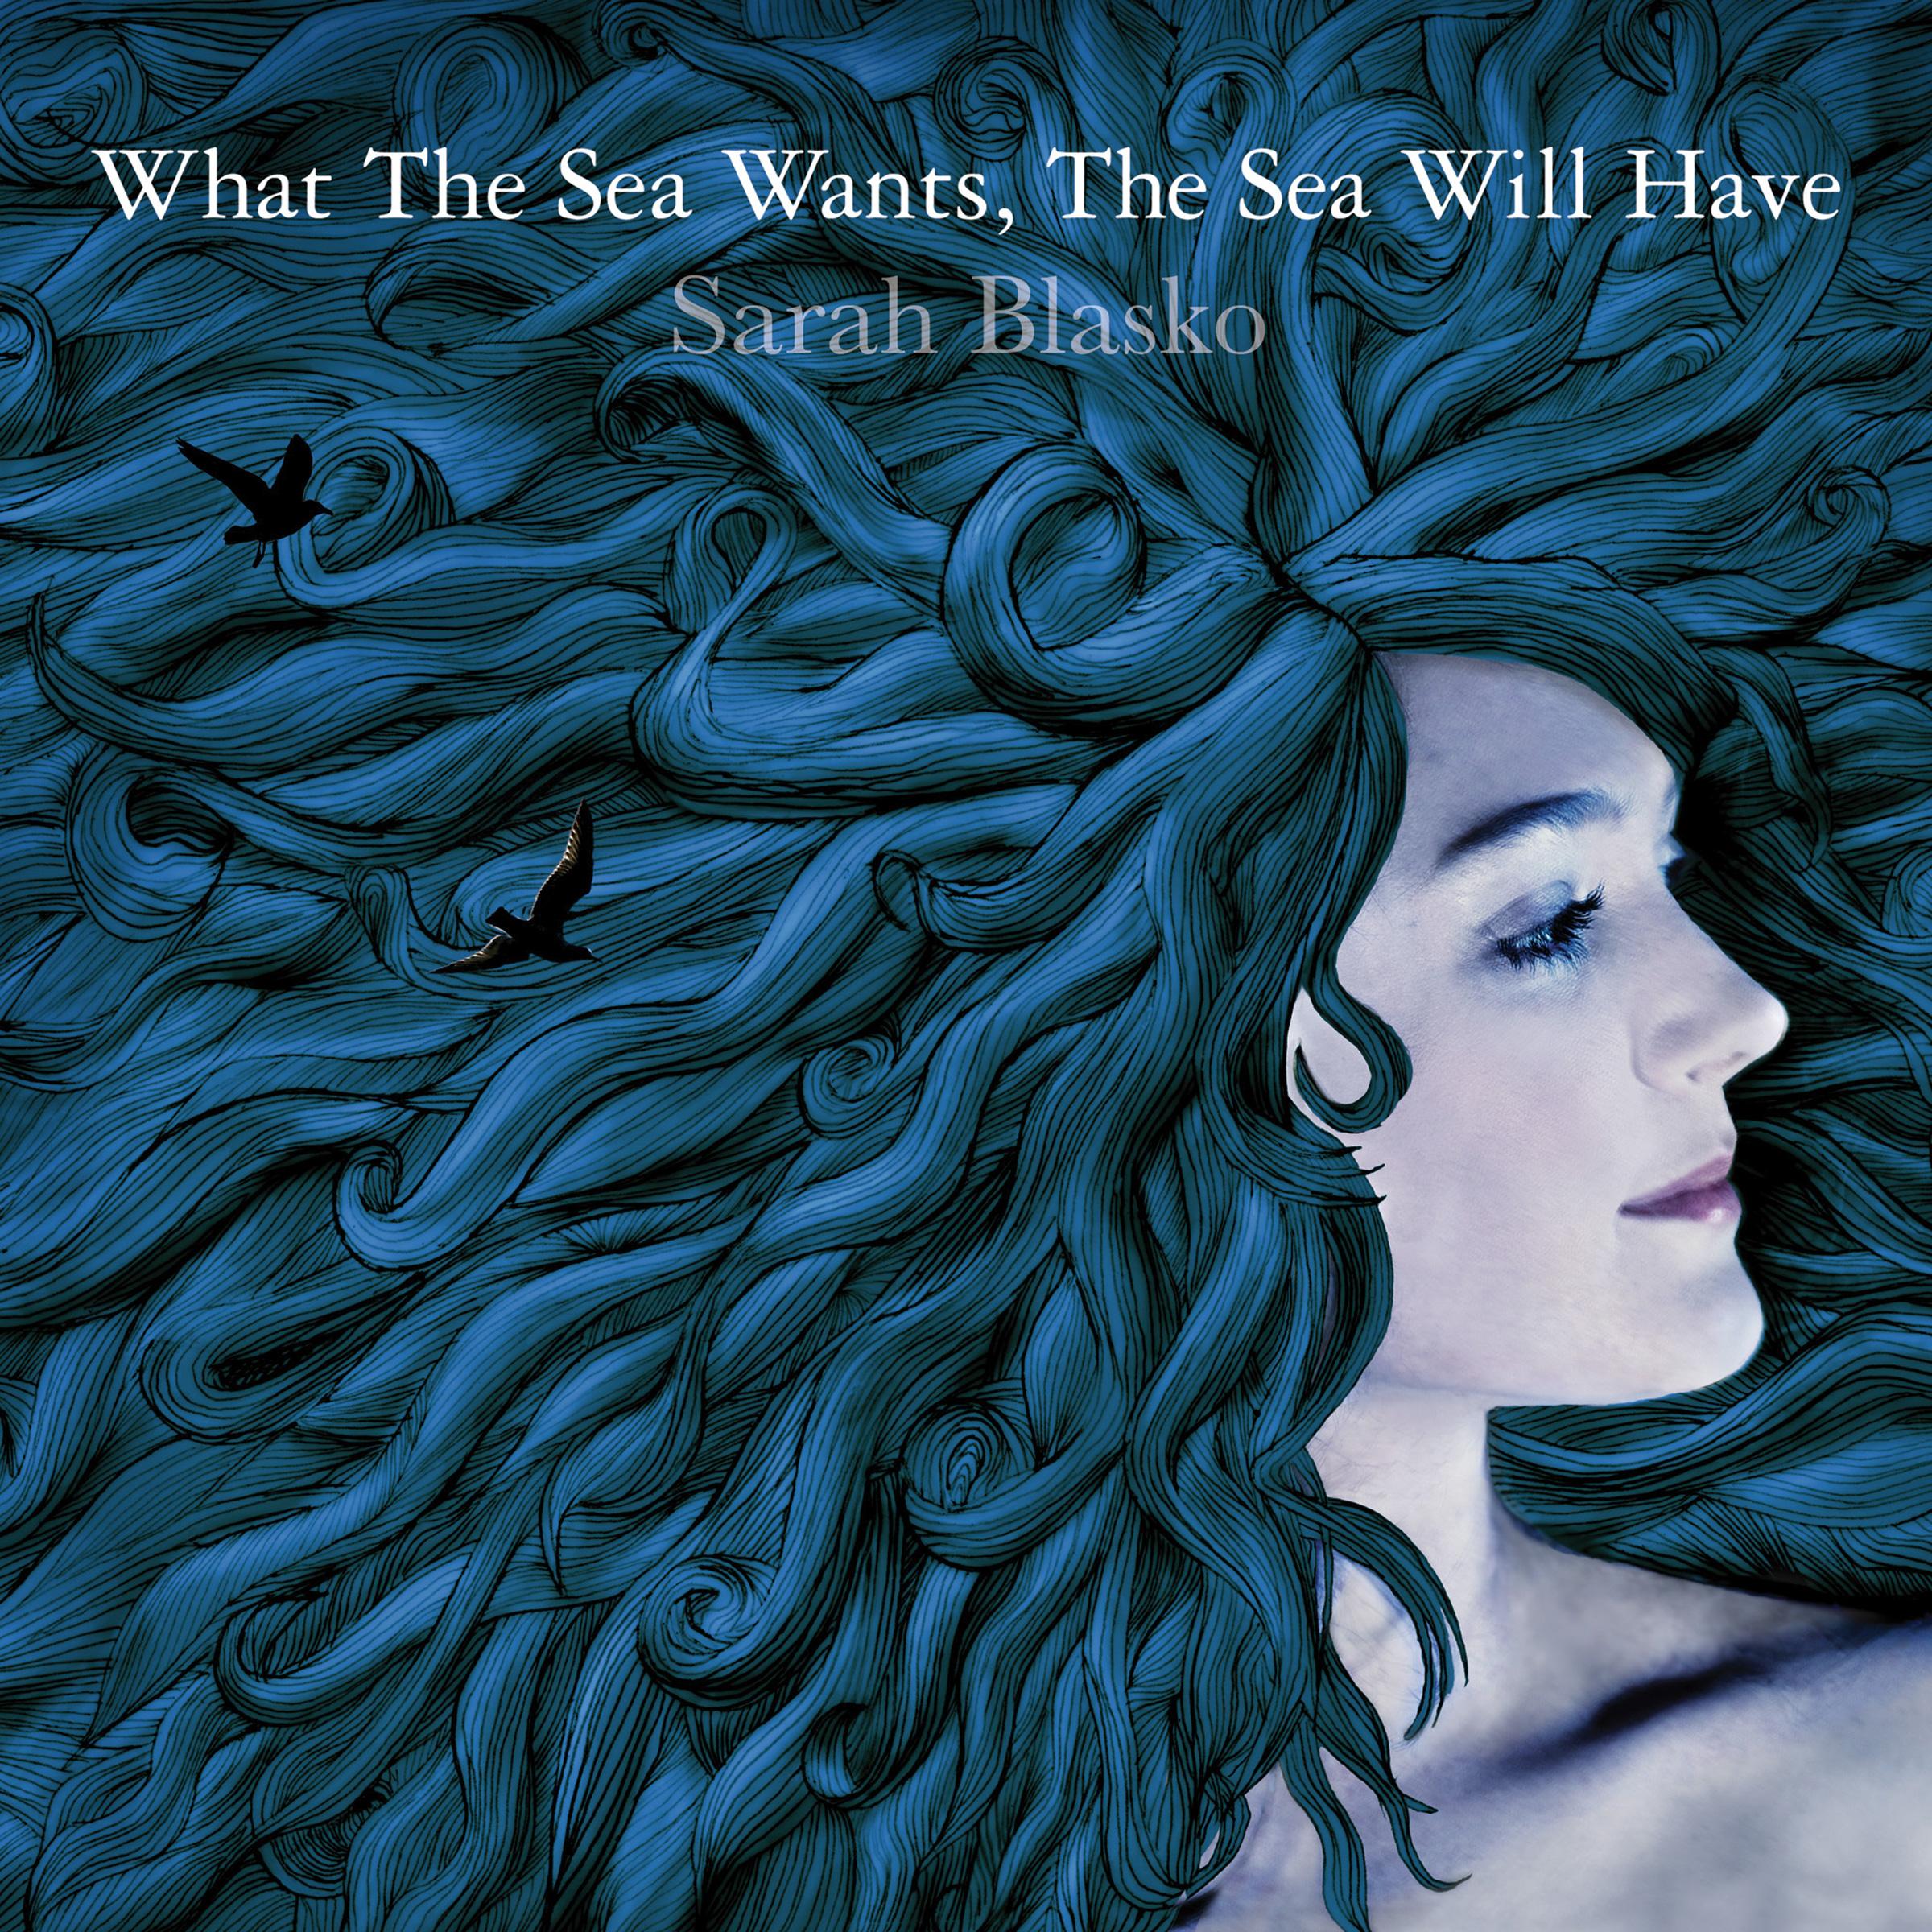 What-The-Sea-Wants-2400.jpg